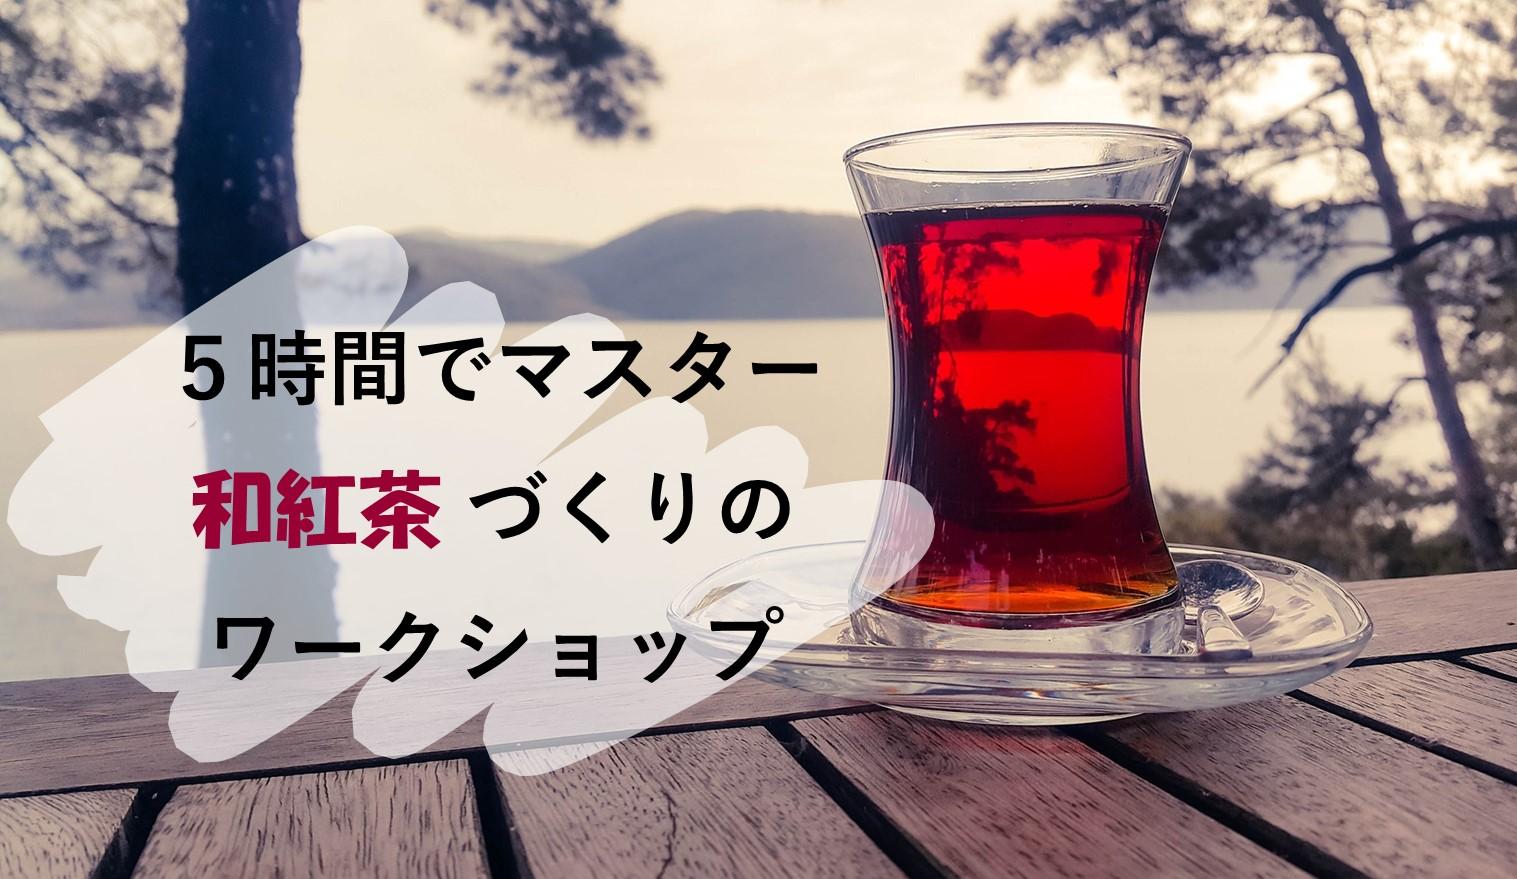 5時間で完成 和紅茶づくりのワークショップ